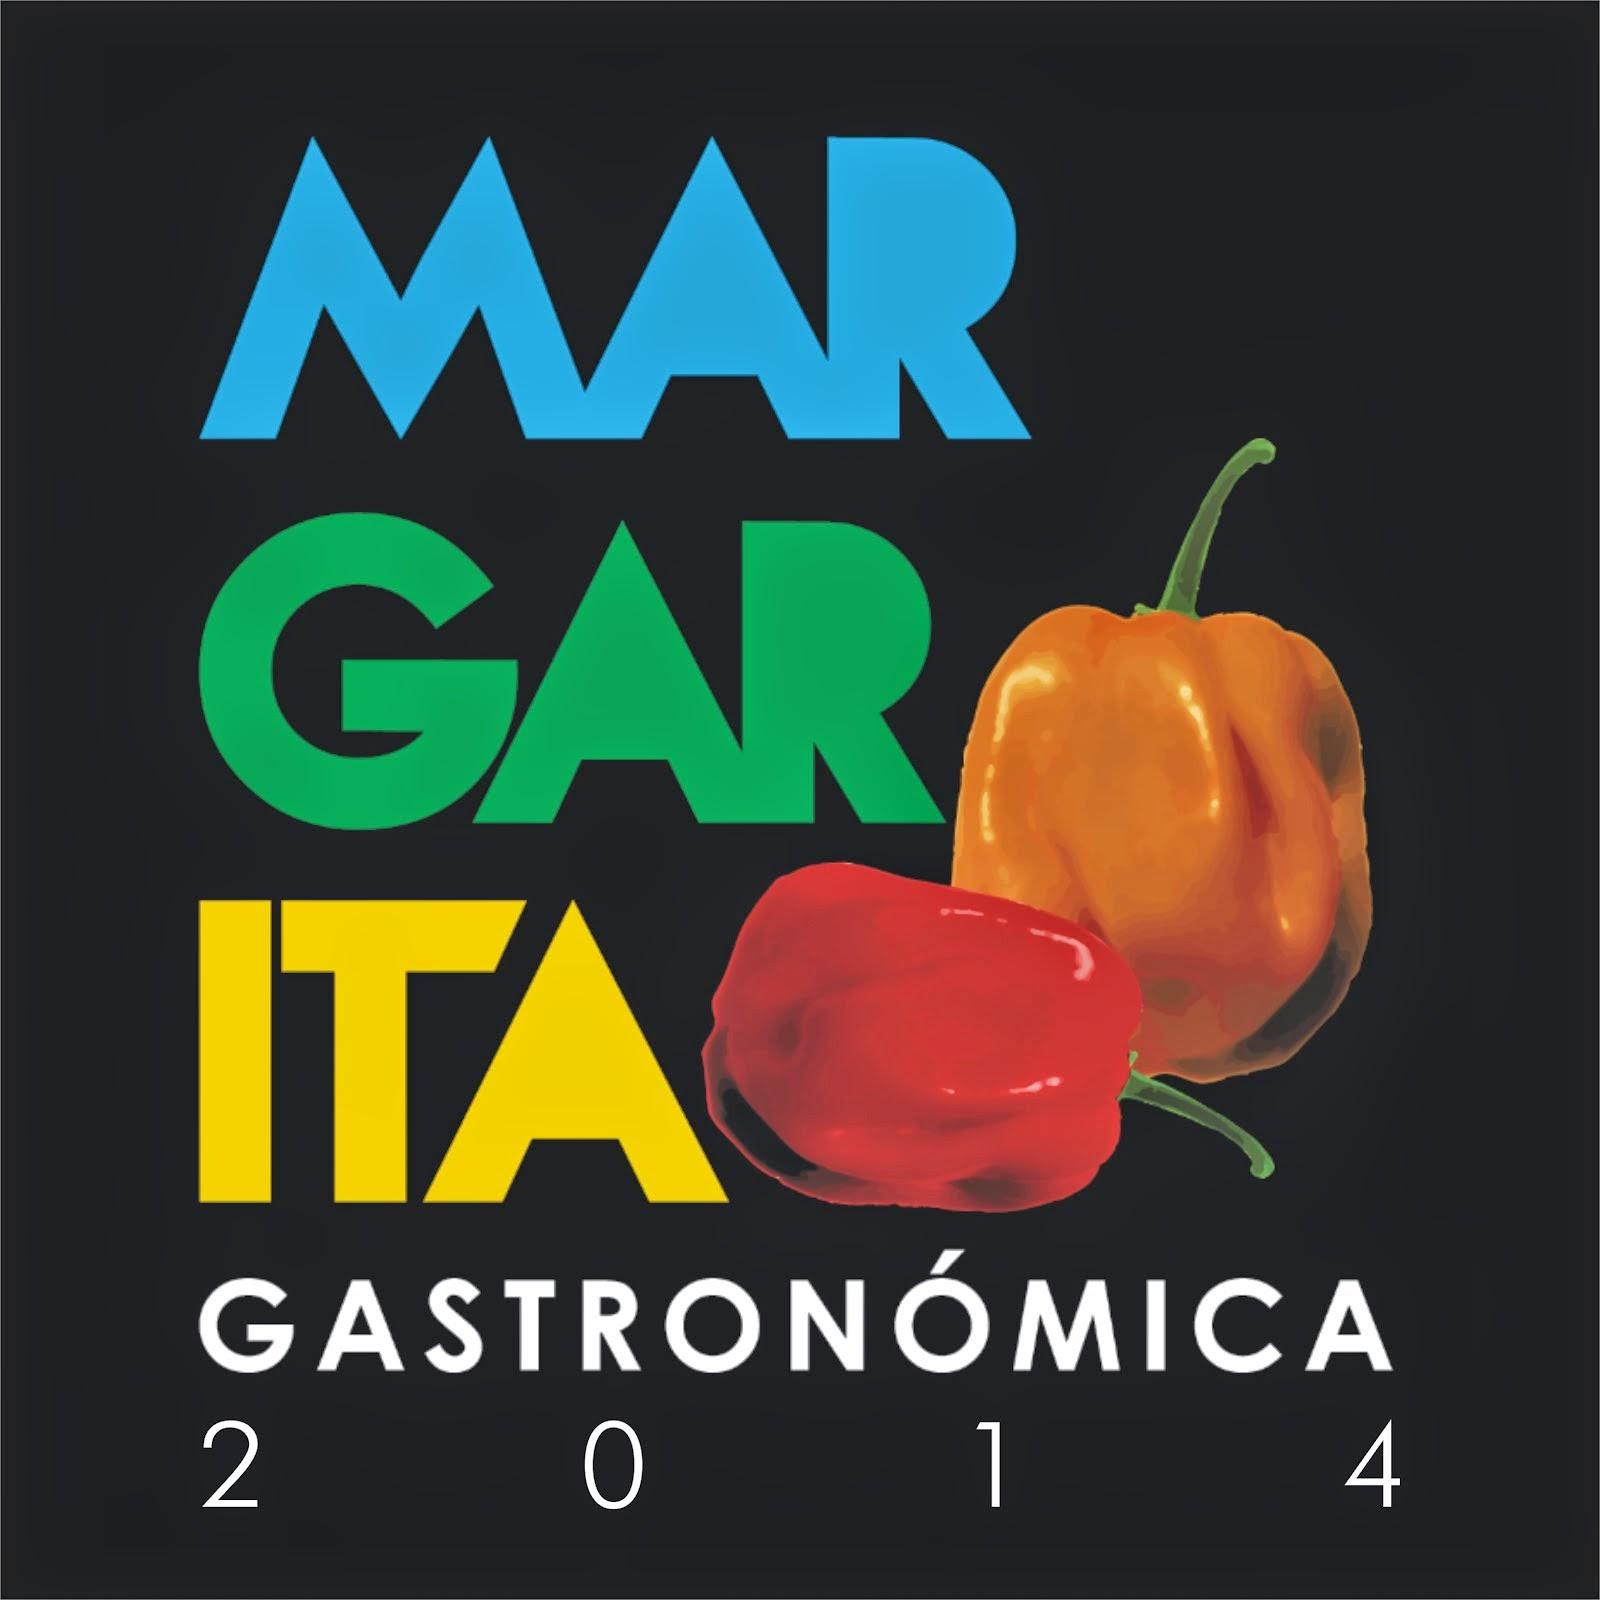 MARGARITA GASTRONOMICA 2014